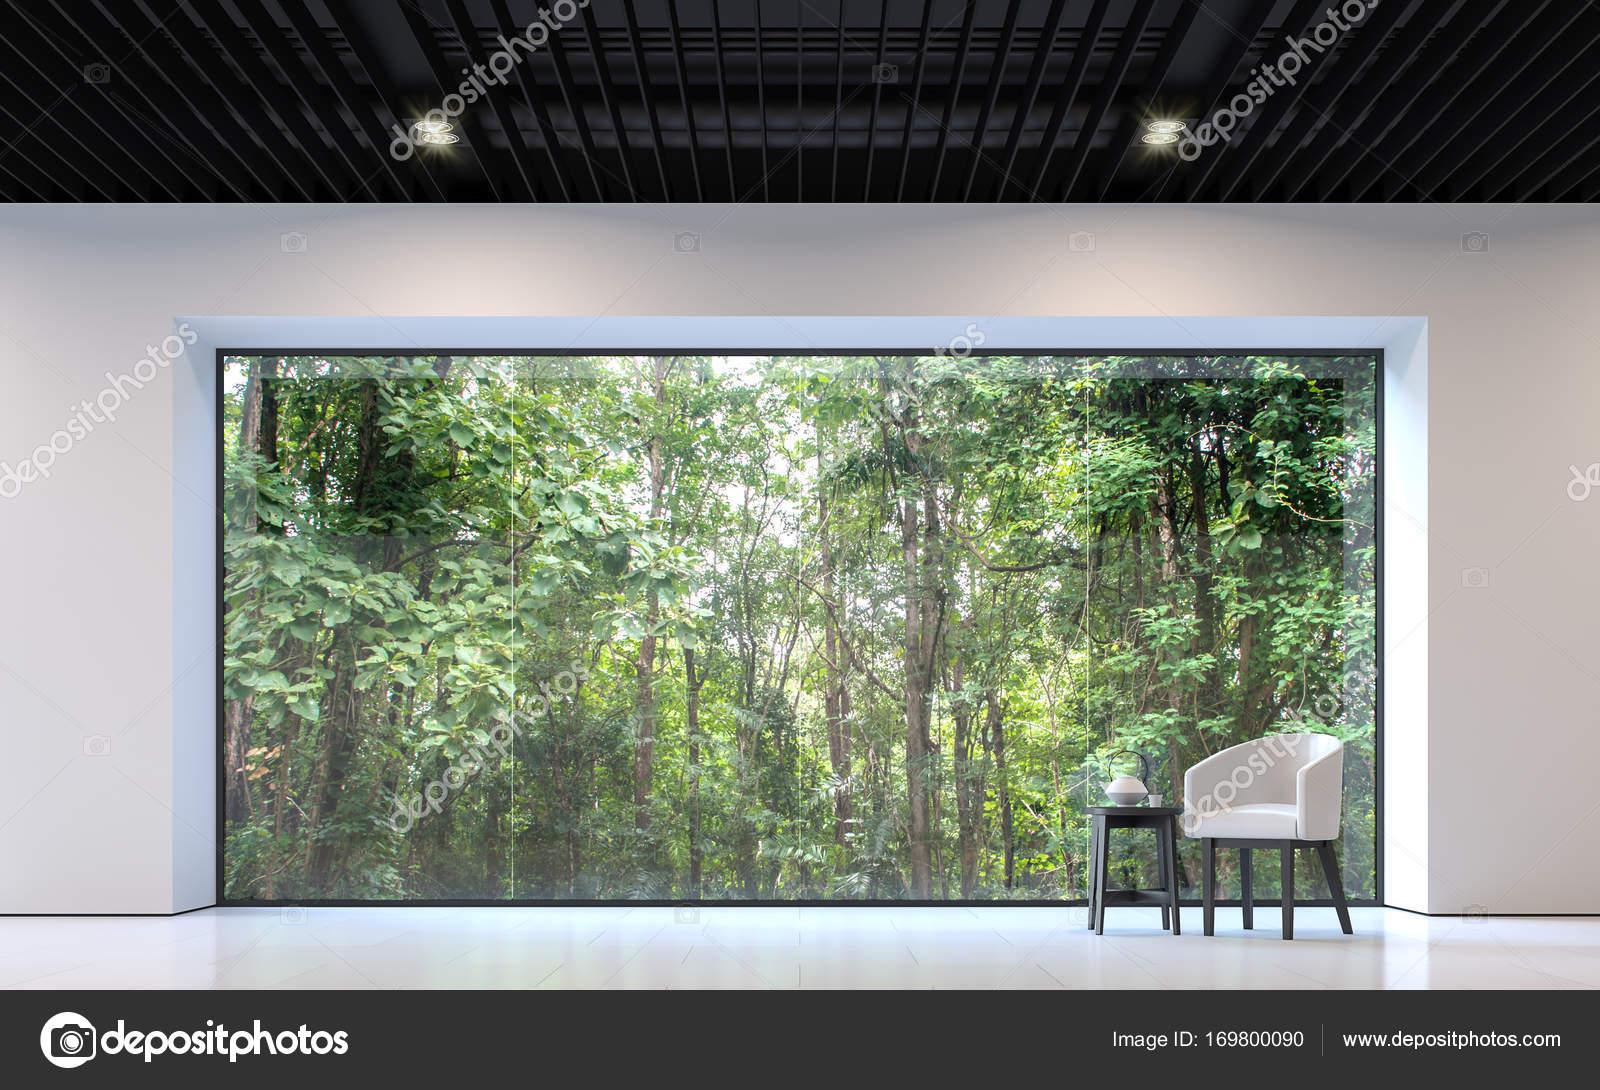 Wohnzimmer Mit Natur Blick U2014 Stockfoto